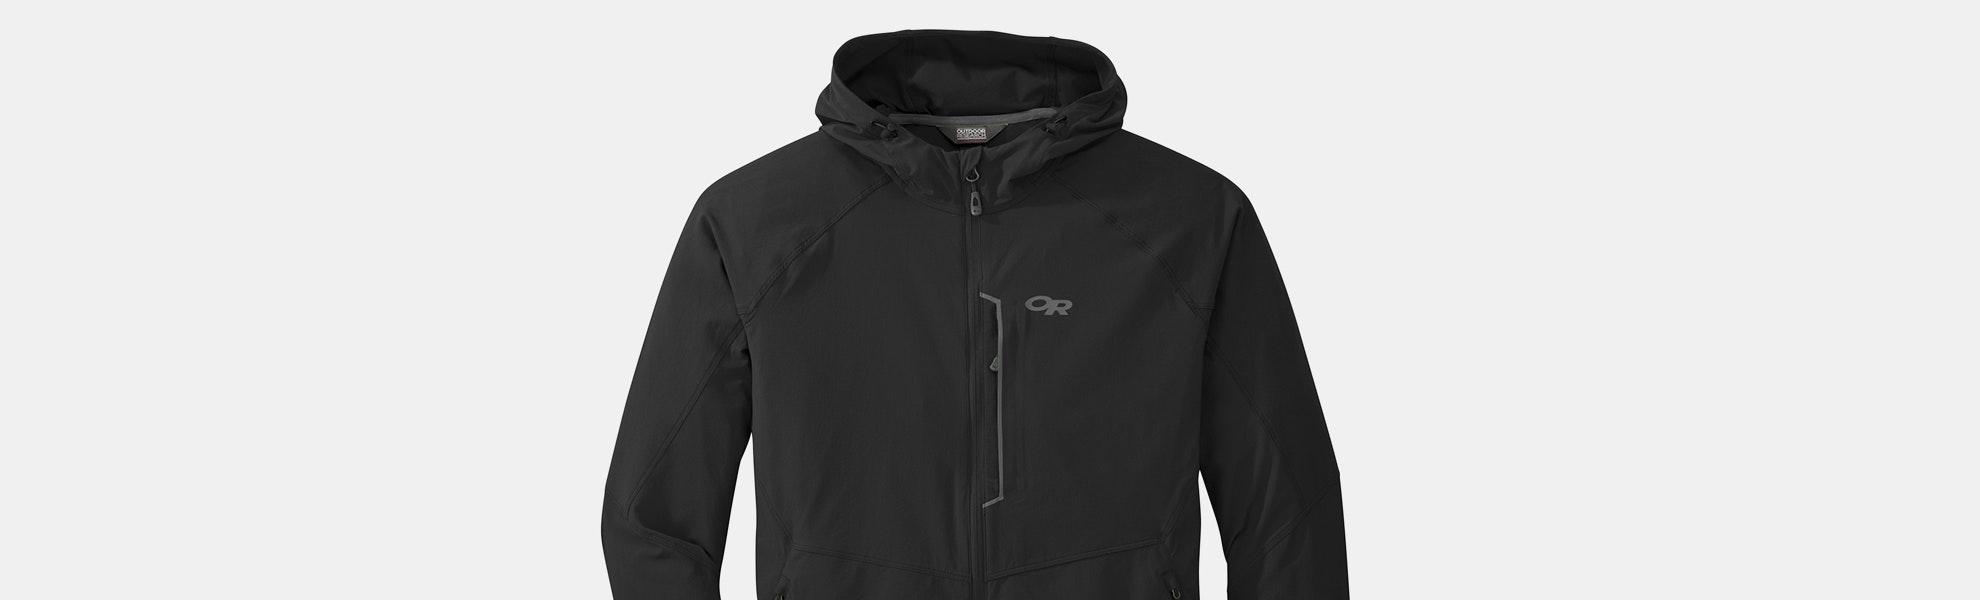 Outdoor Research Ferrosi & Winter Ferrosi Jackets